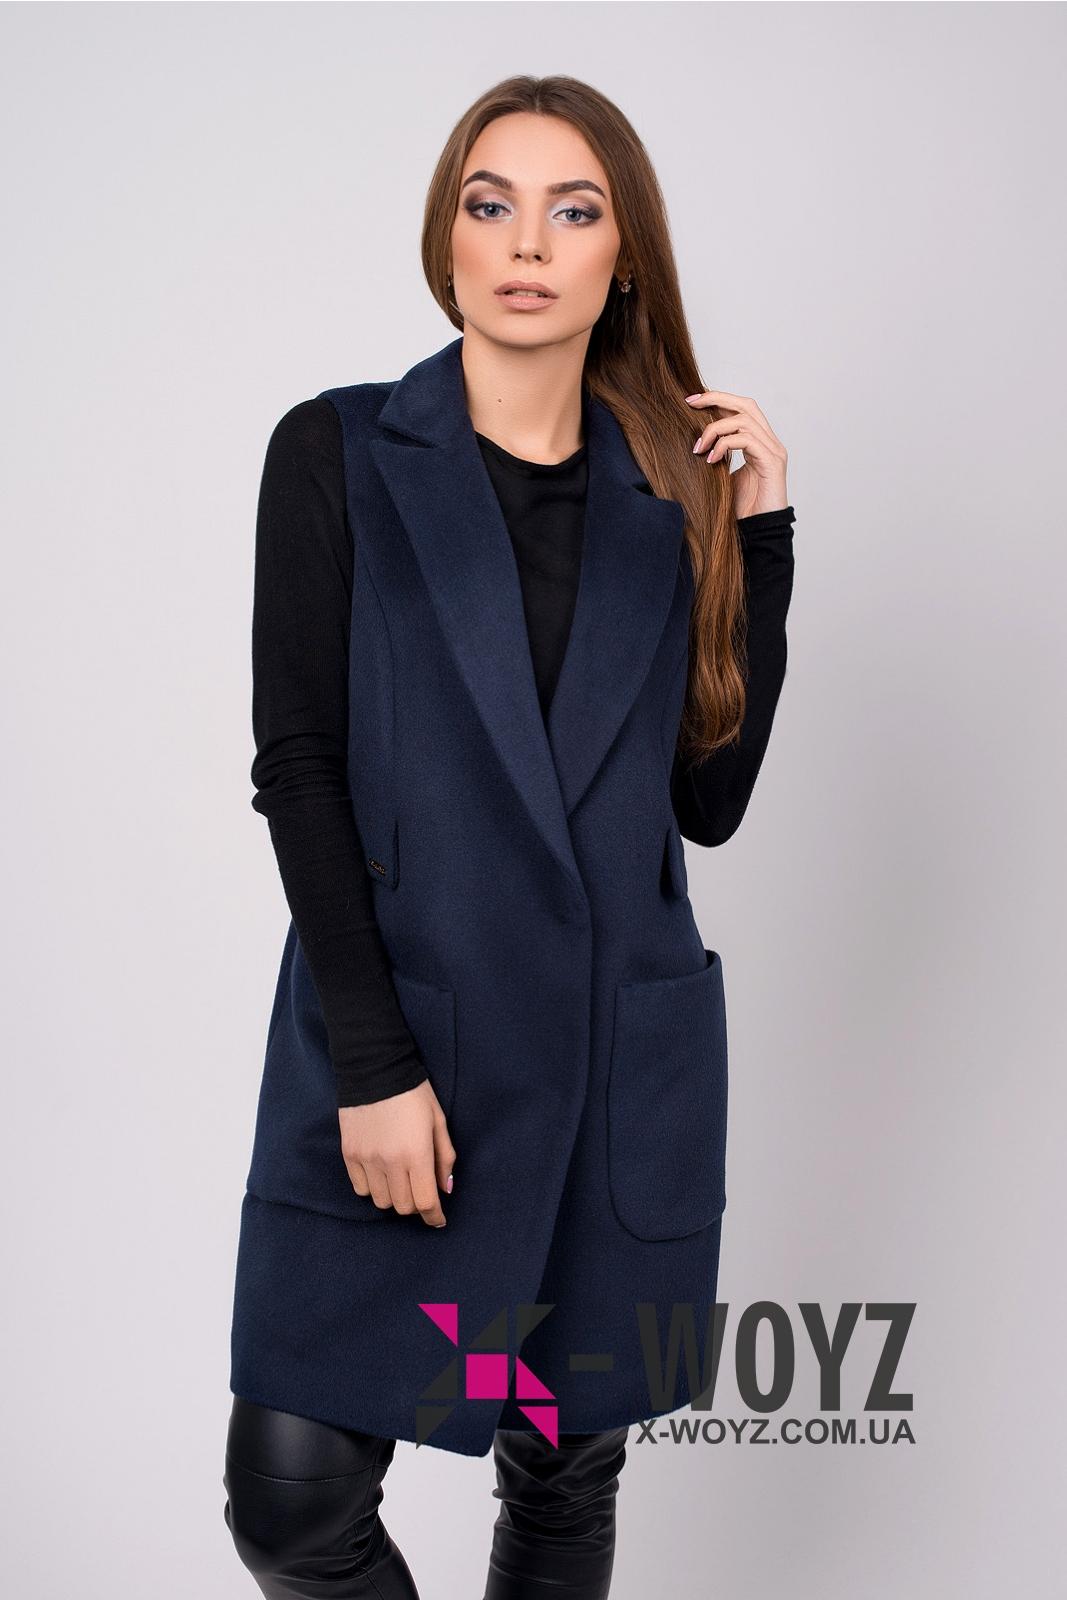 Сбор заказов. Грандиозная распродажа, скидки 50 % на всю весеннюю коллекцию. Кардиганы, жилеты, пальто, облегченные куртки. Цены от 1000 руб. Выкуп 8